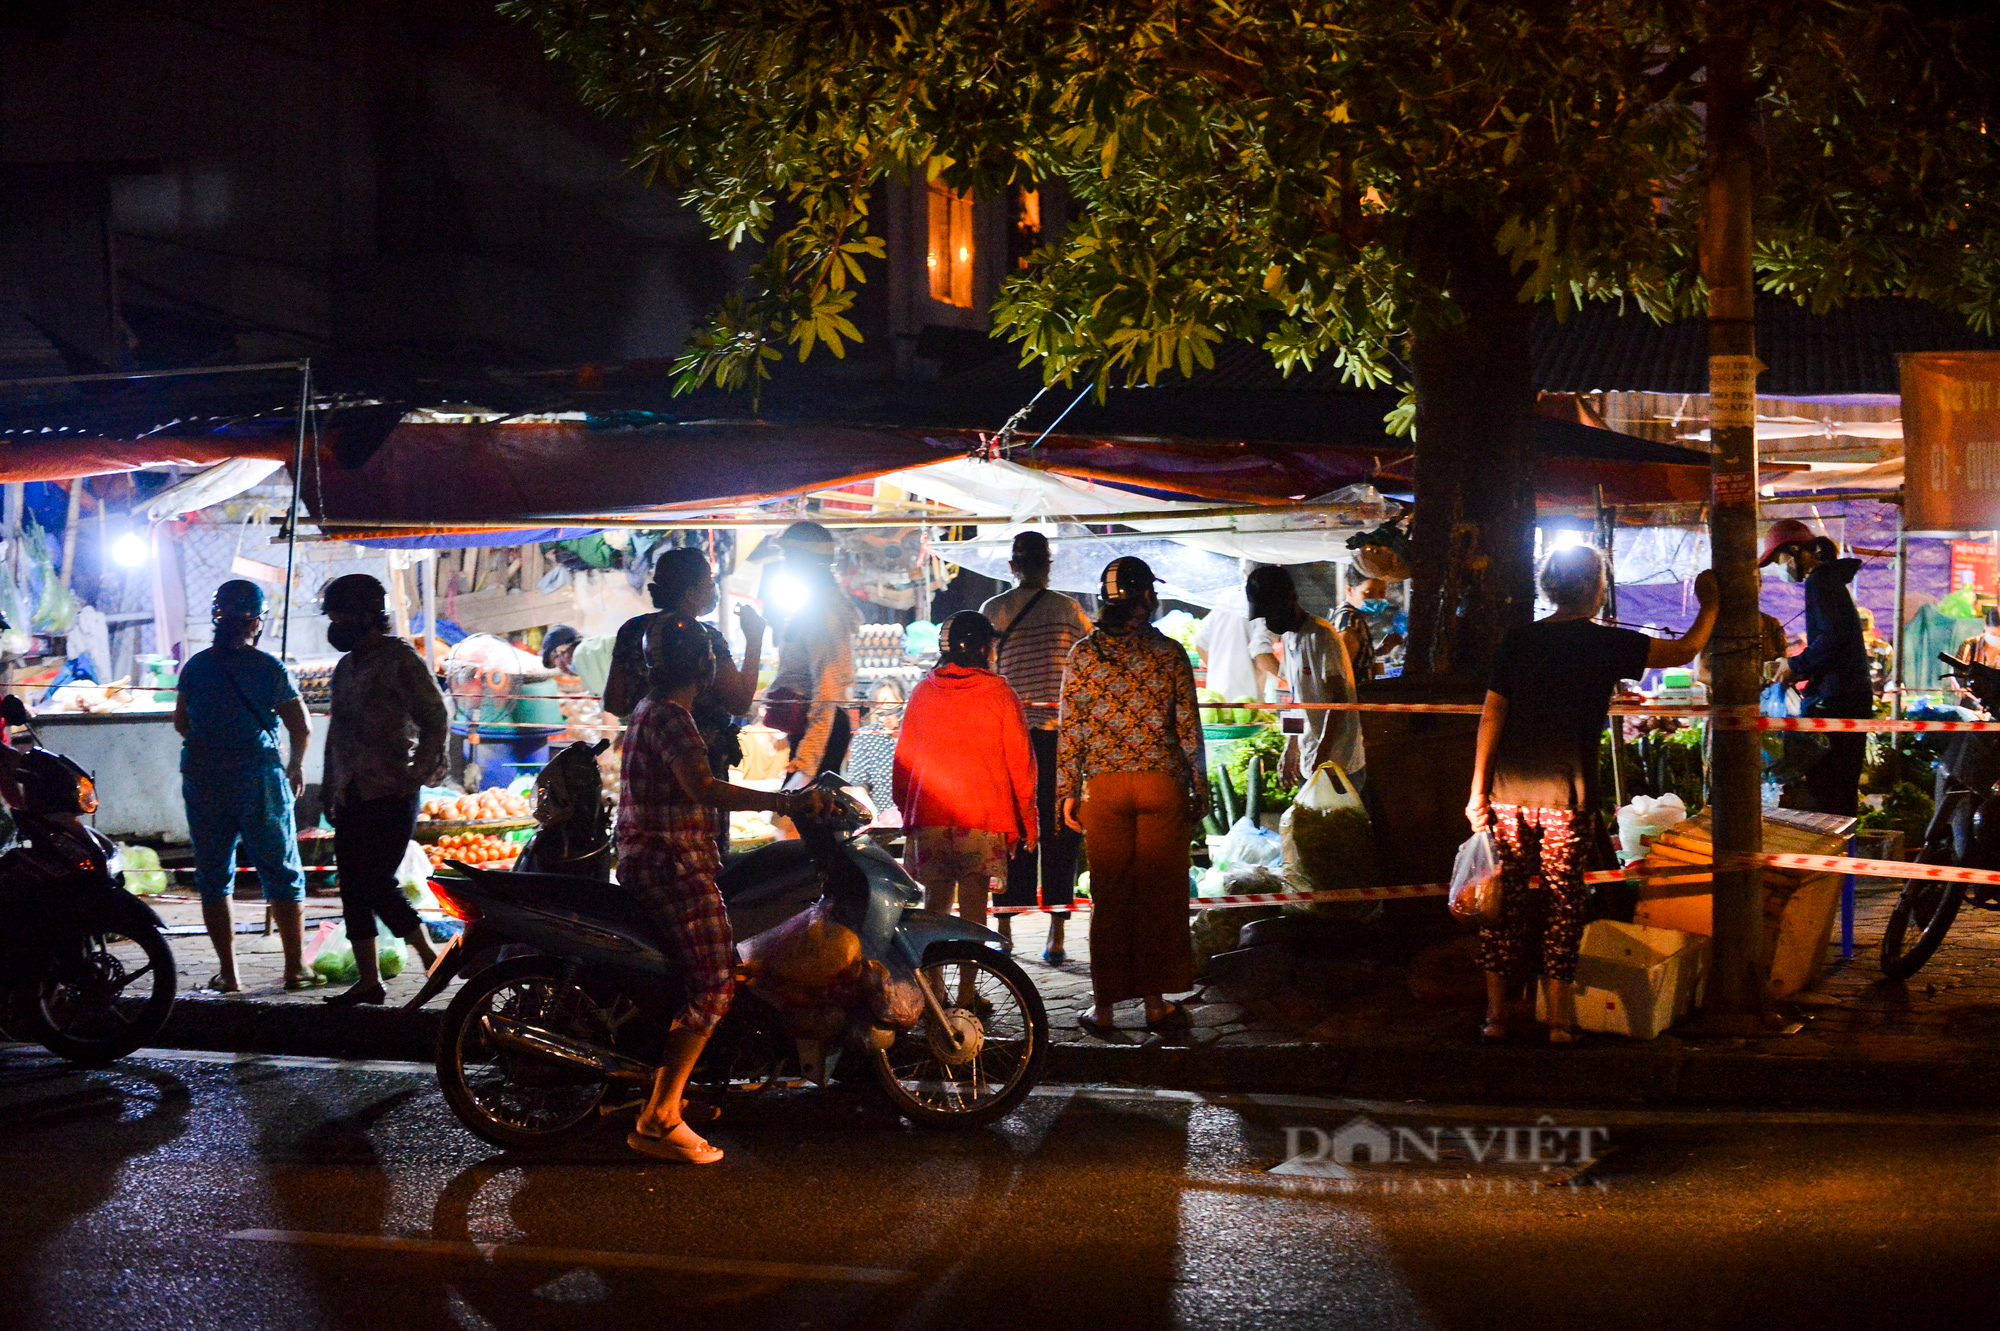 Chợ dân sinh ở Hà Nội đông đúc ngày đầu nới lỏng giãn cách - Ảnh 3.